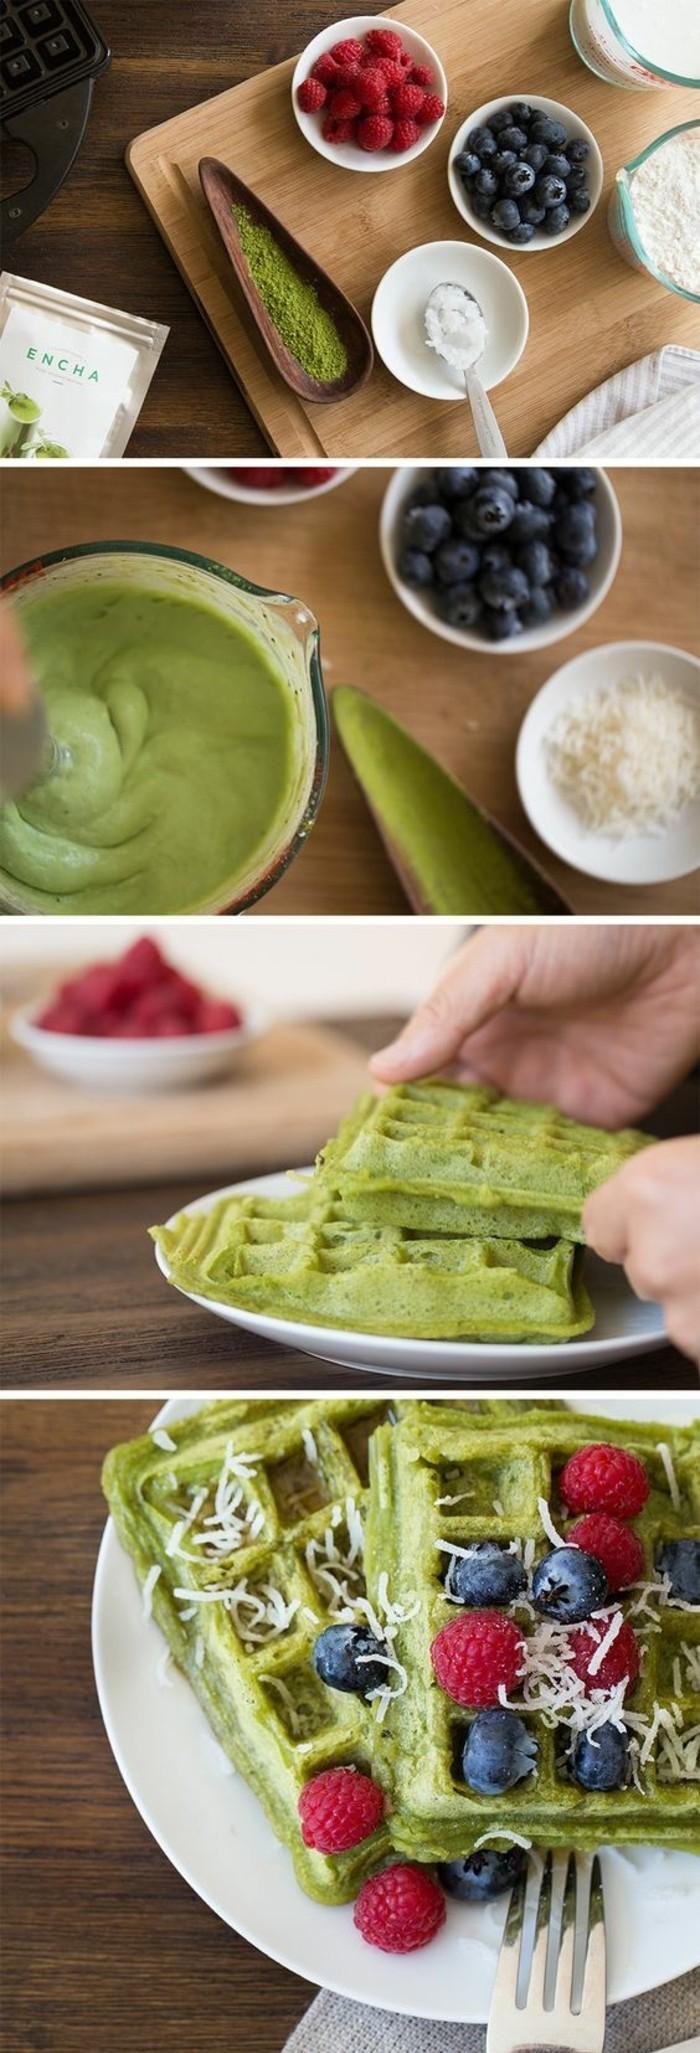 des gaufres moelleuses au thé matcha, recette santé sans gluten